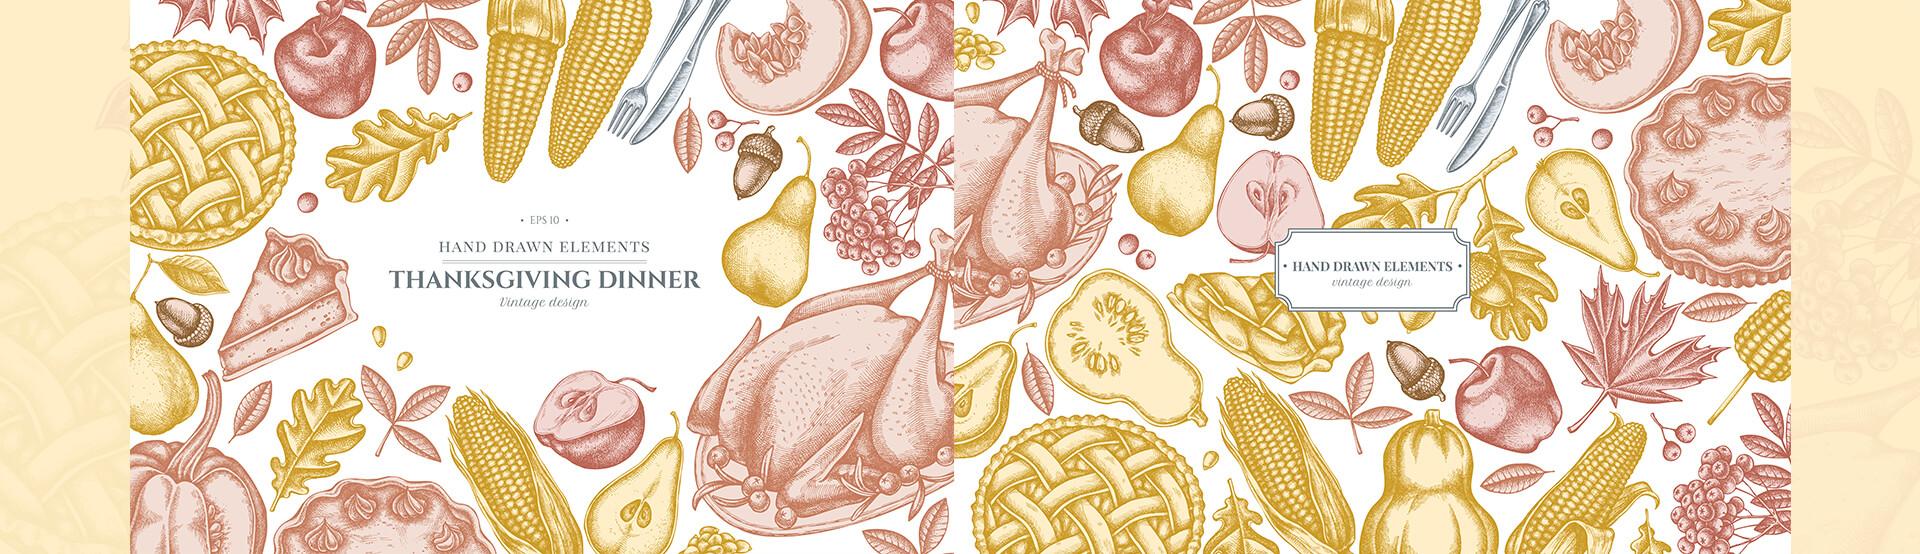 가을음식 펜화